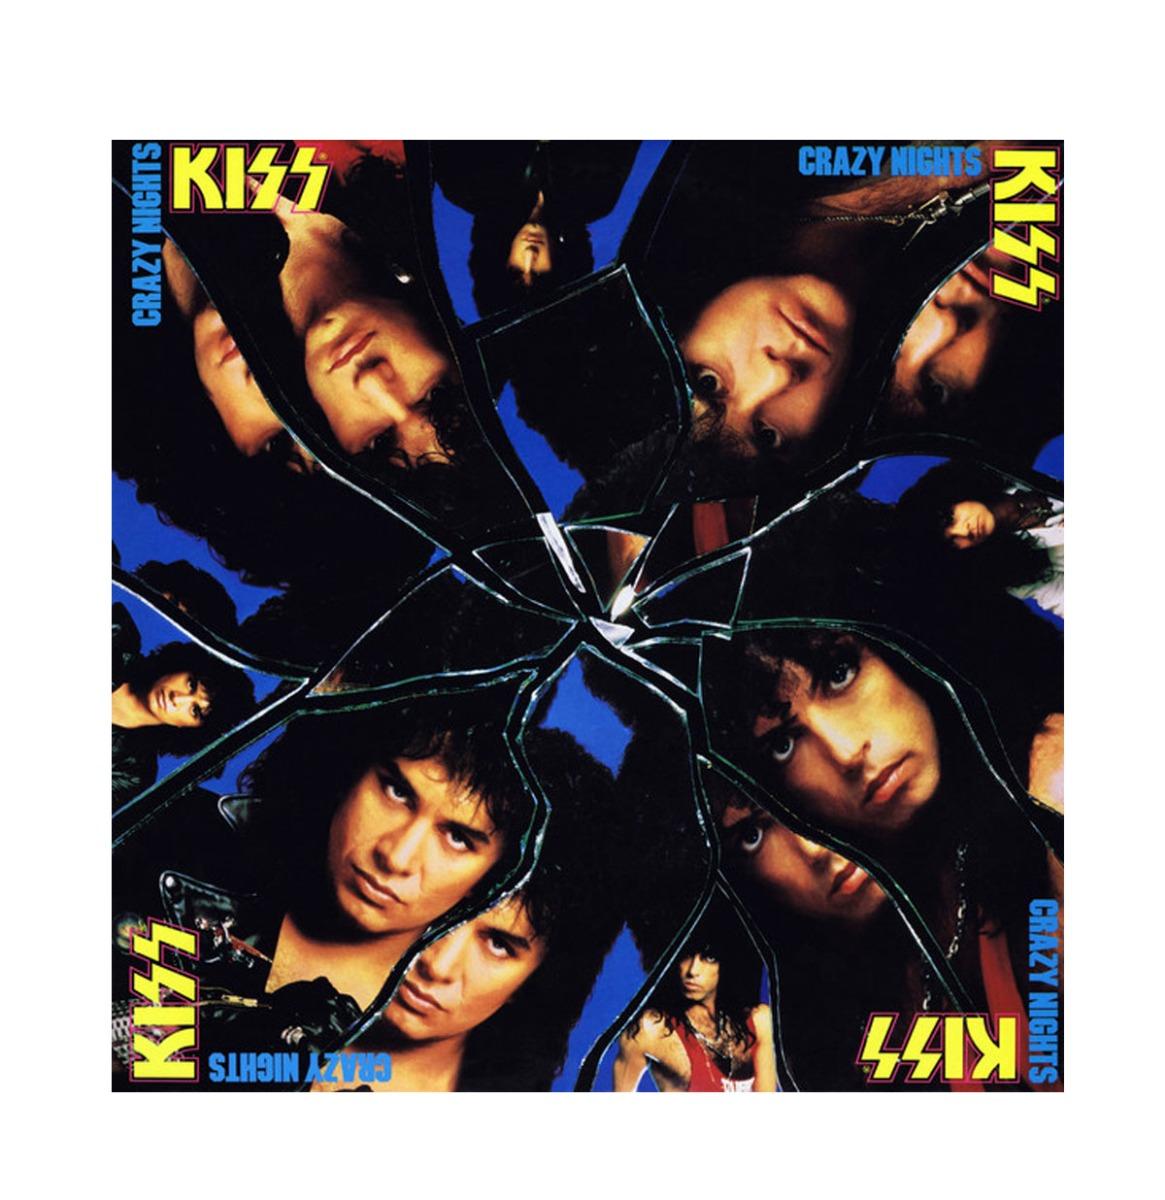 Kiss - Crazy Nights LP First Vinyl Reissue